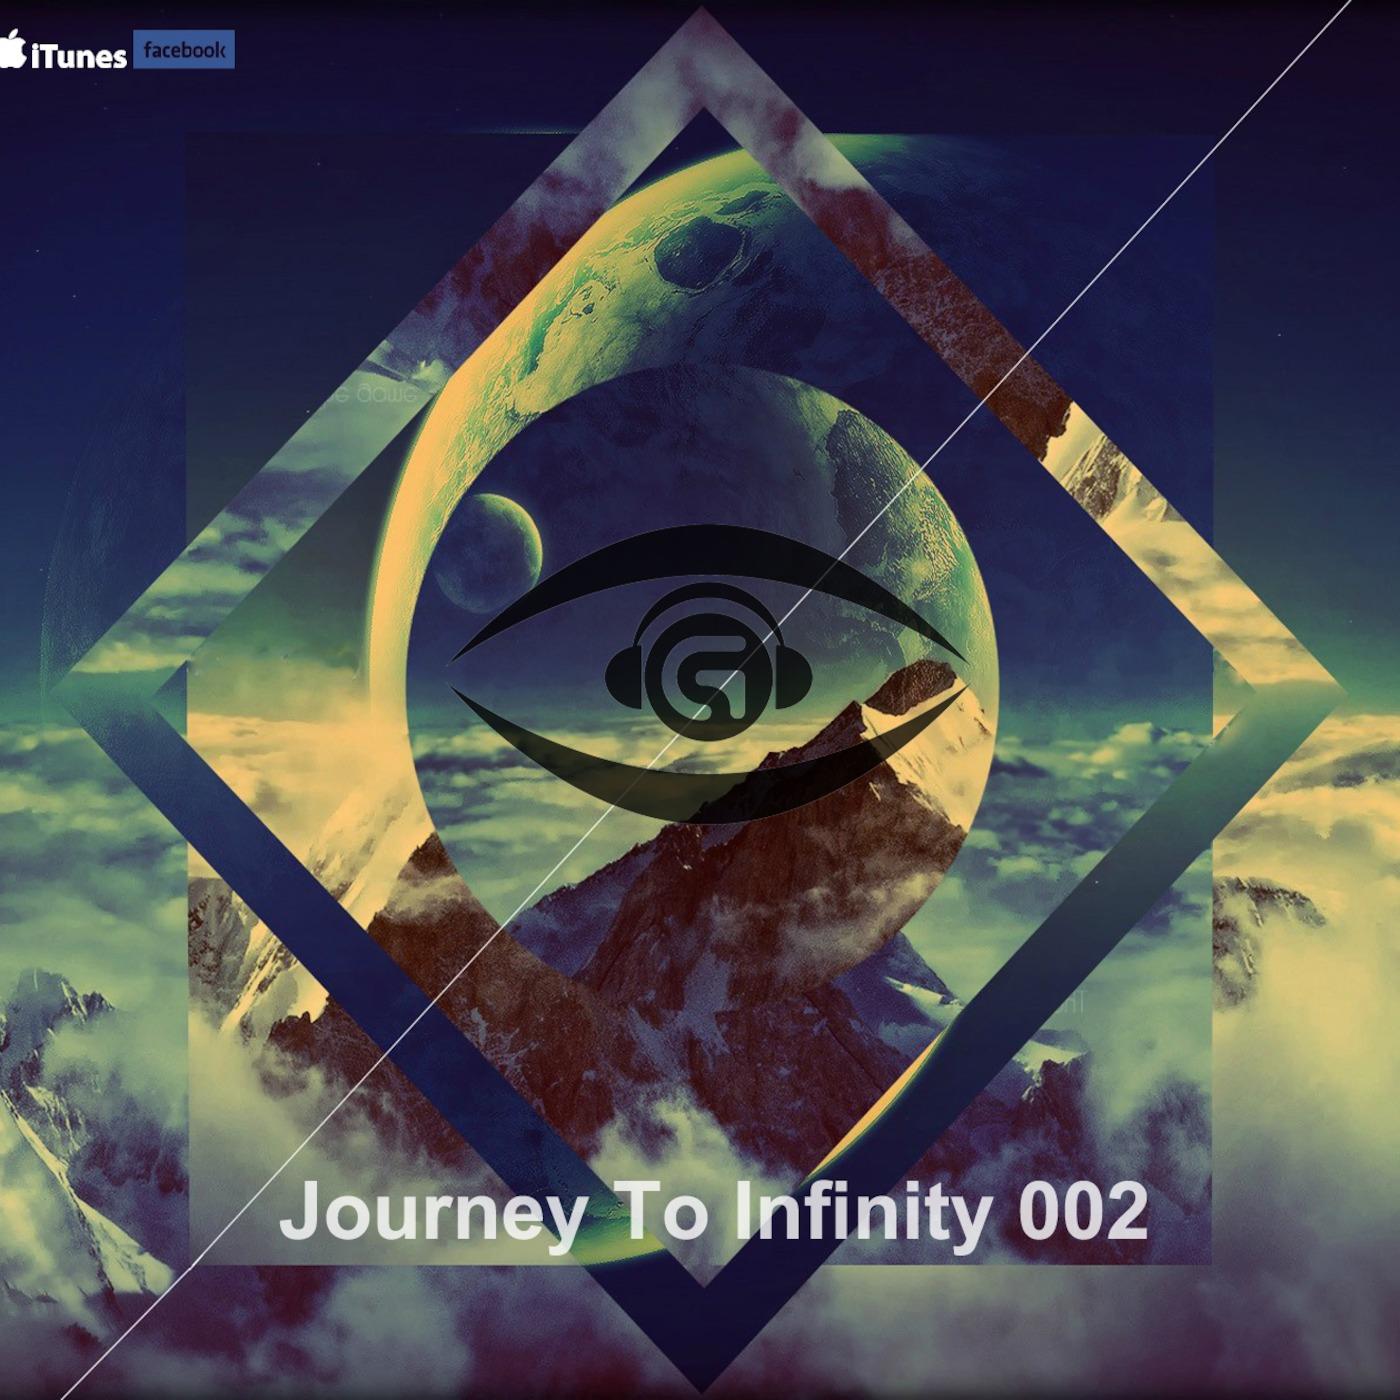 Dj Gismo - Journey To Infinity 002 DJ GISMO - Journey To